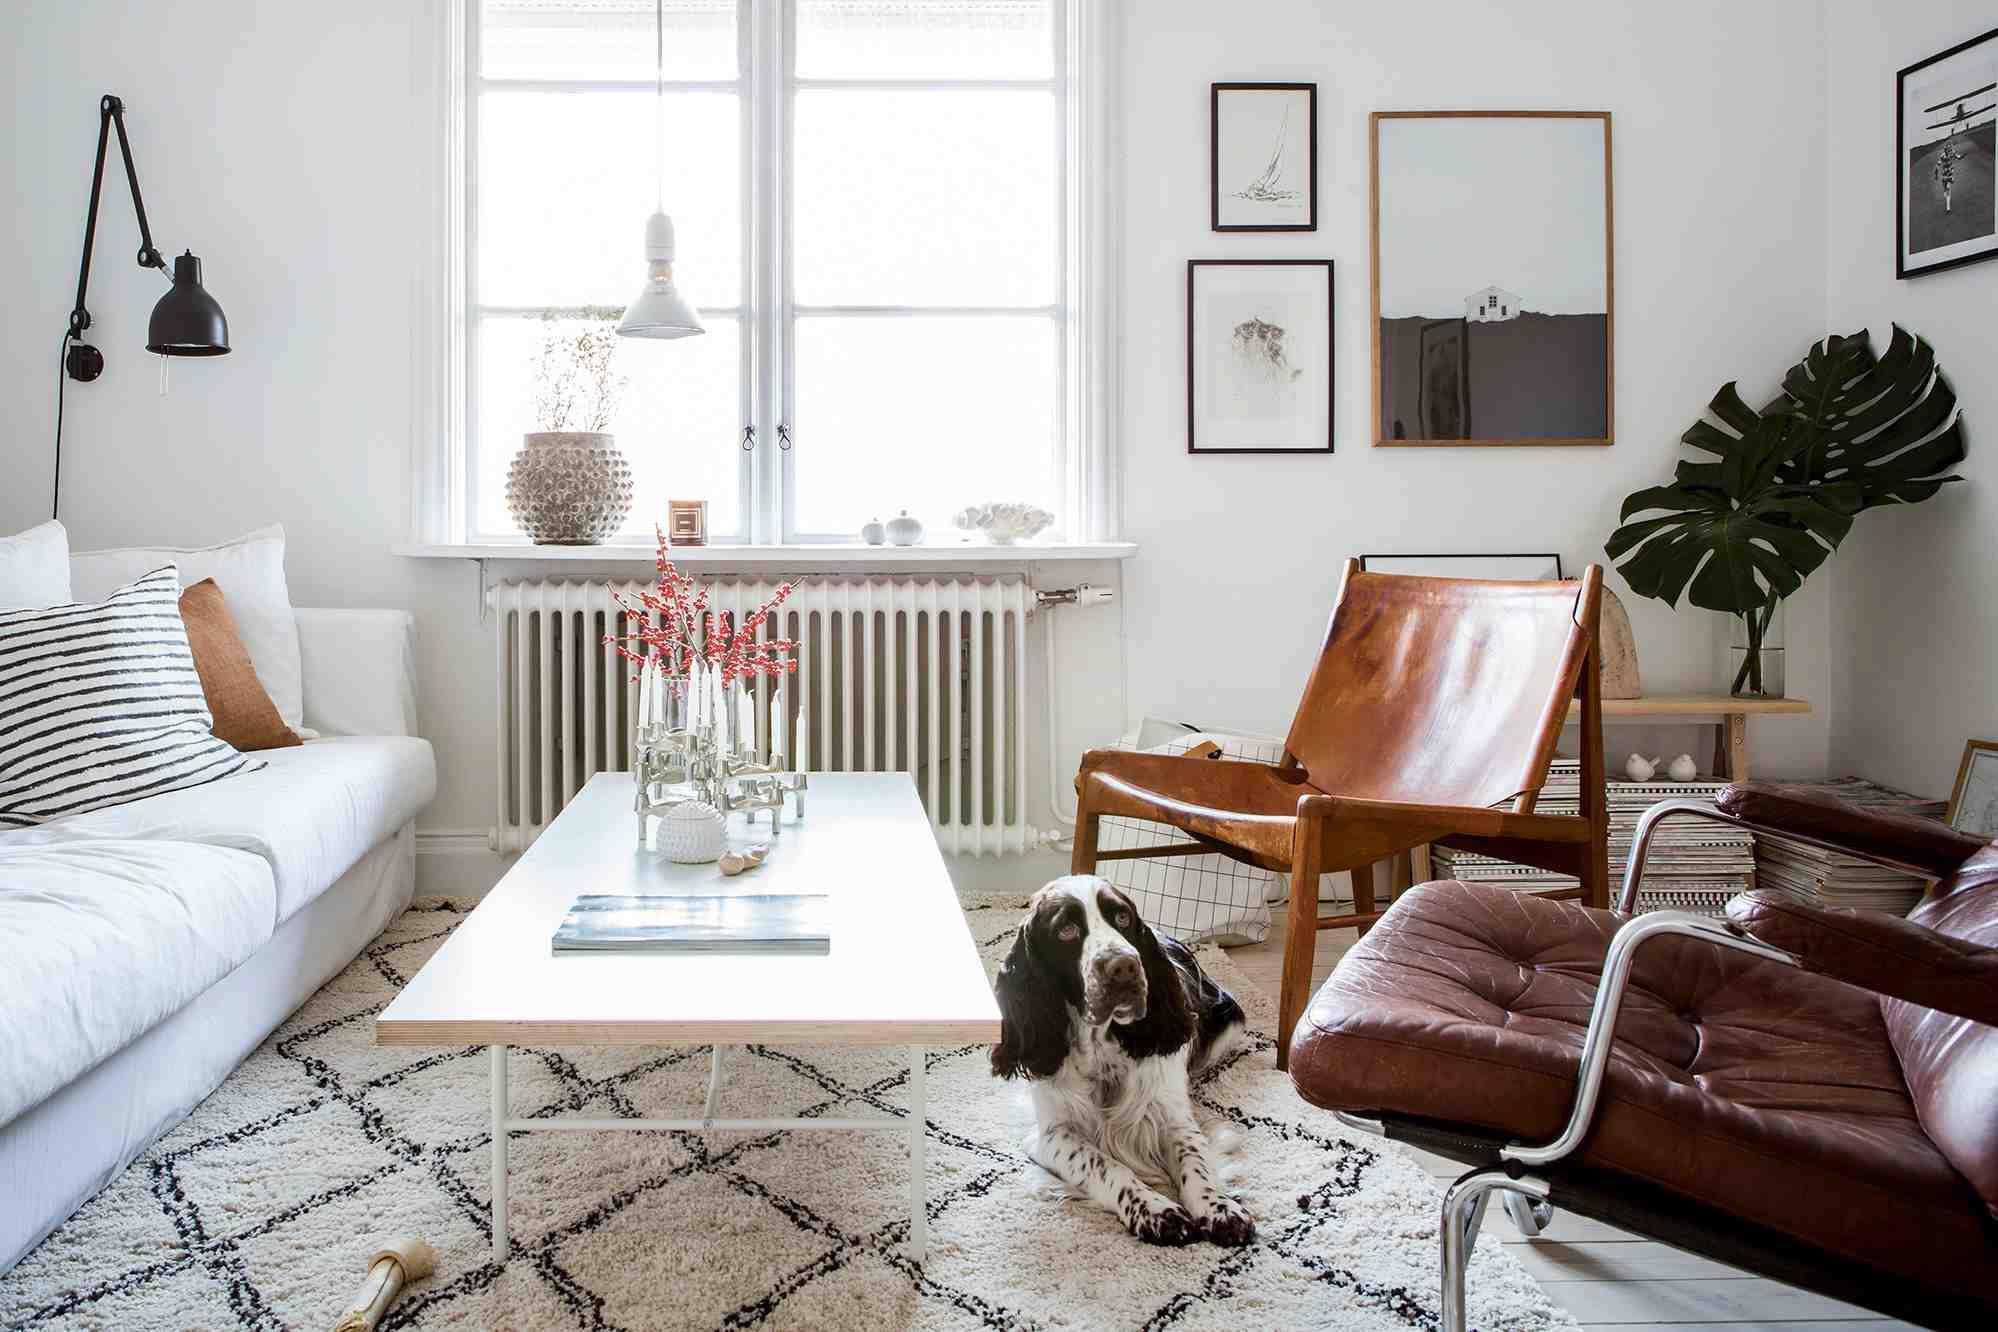 Übersicht 30 Moderne Und Ergonomische Wohnzimmer Ideen Fresh Ideen Für Das Interieur Dekoration Und Landschaft